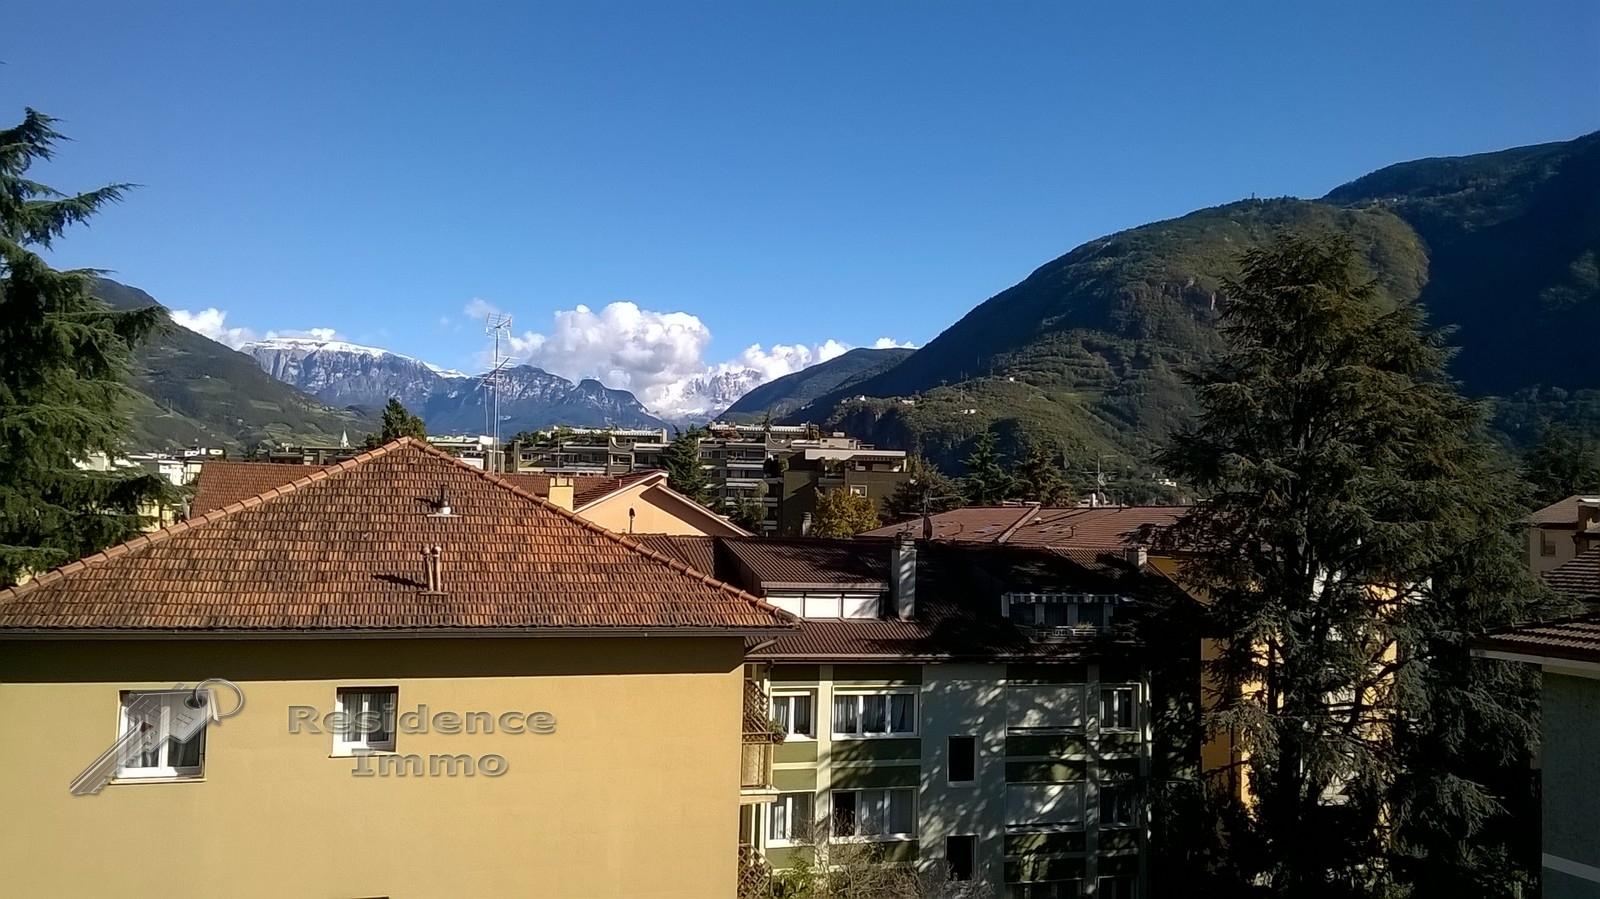 Attico / Mansarda in vendita a Bolzano, 2 locali, zona Zona: Residenziale, prezzo € 240.000 | Cambio Casa.it